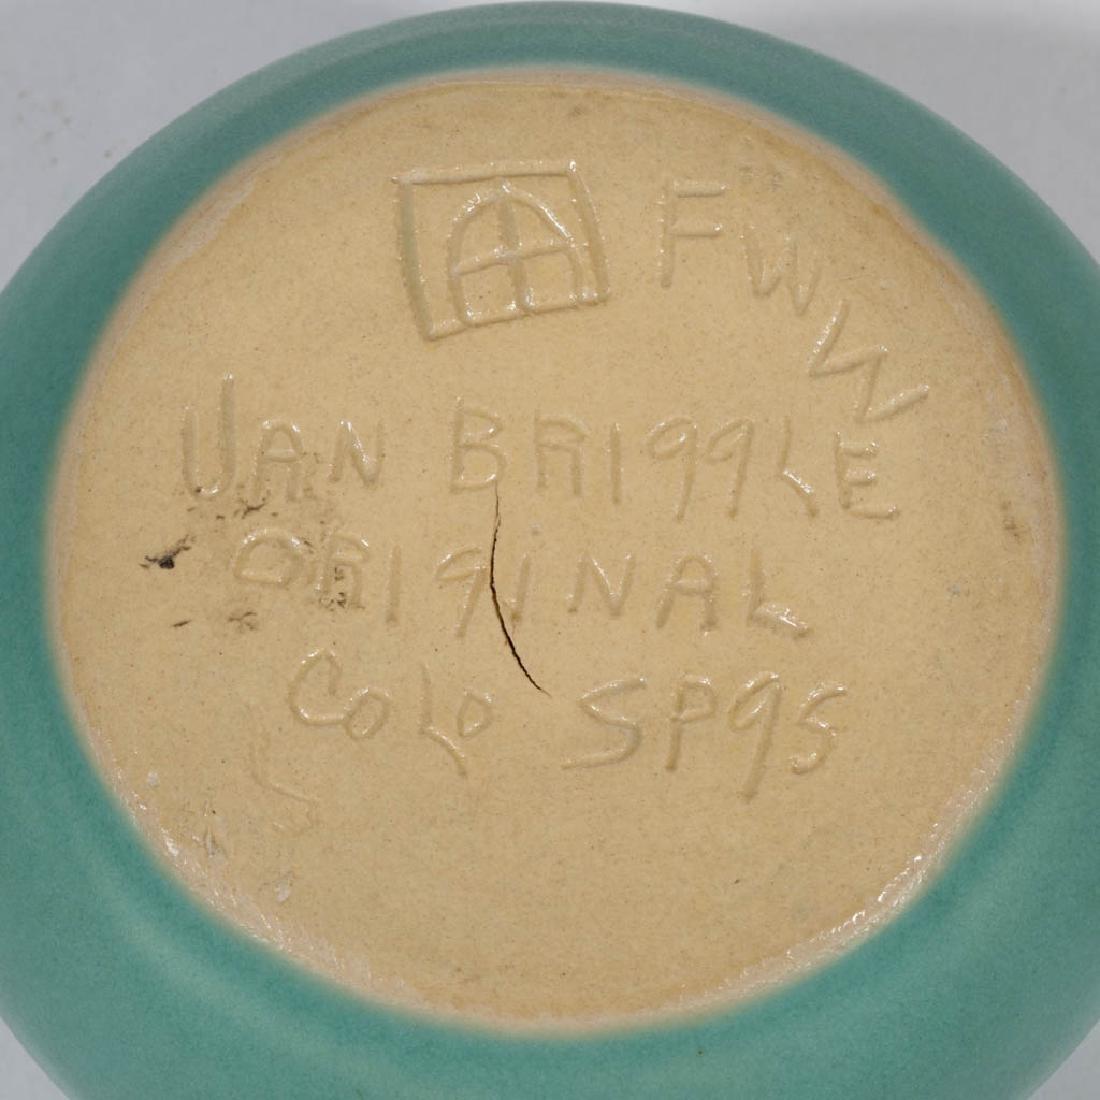 VAN BRIGGLE ART POTTERY ARTICLES, LOT OF FIVE - 2